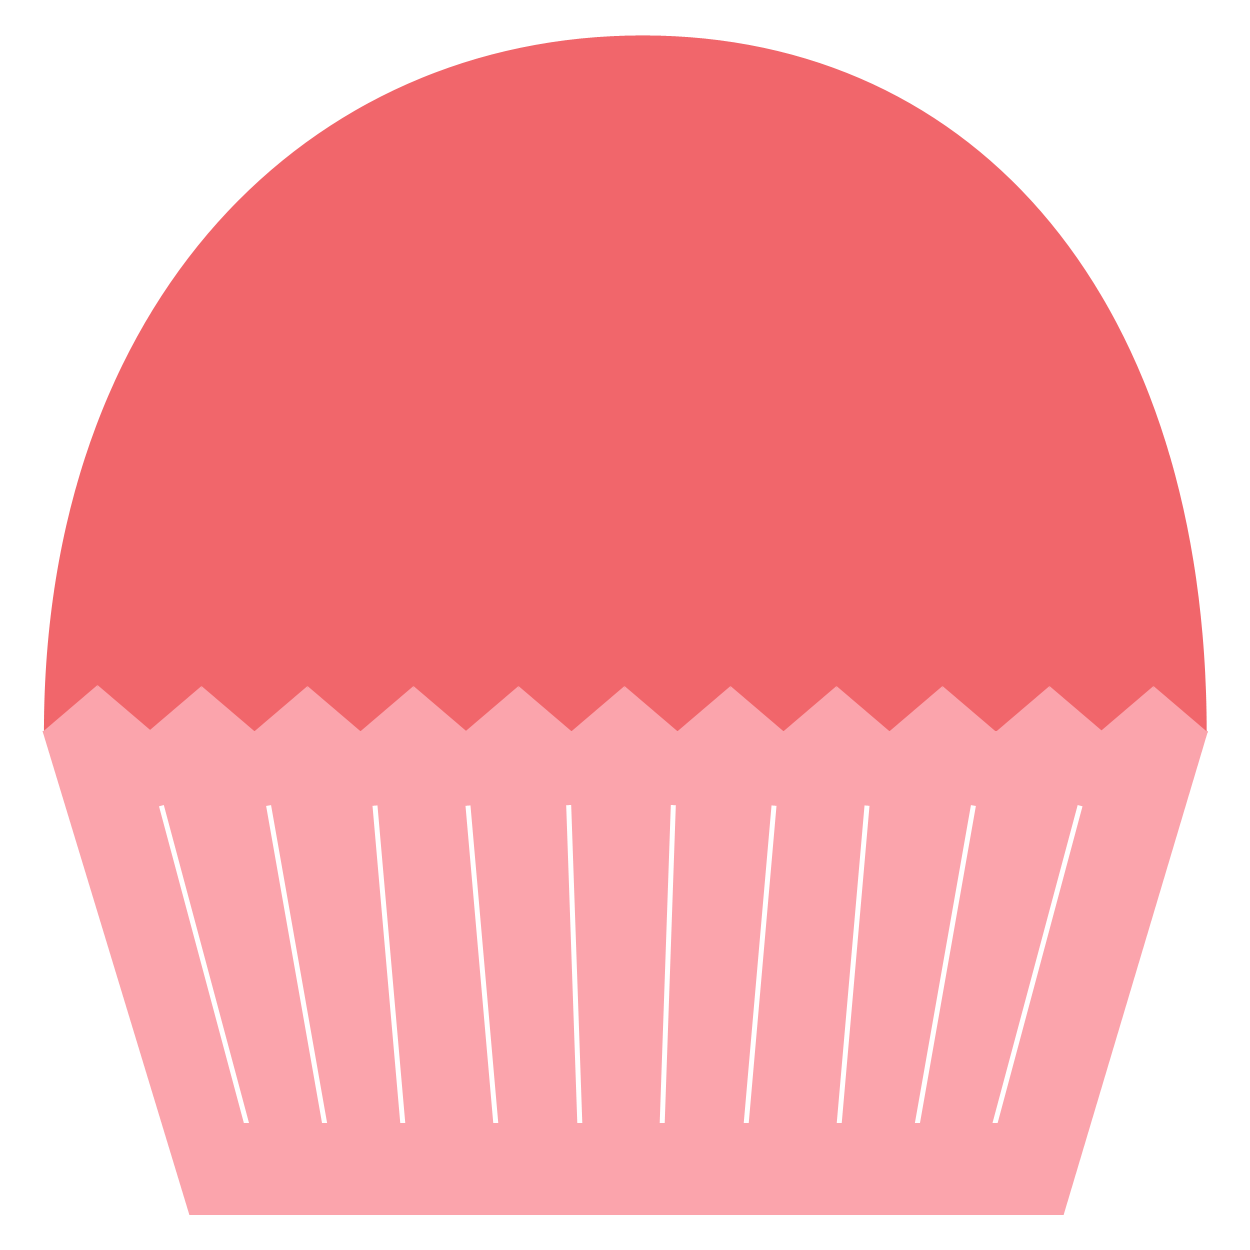 Baking clipart cupcake. Pink cupcakes panda free